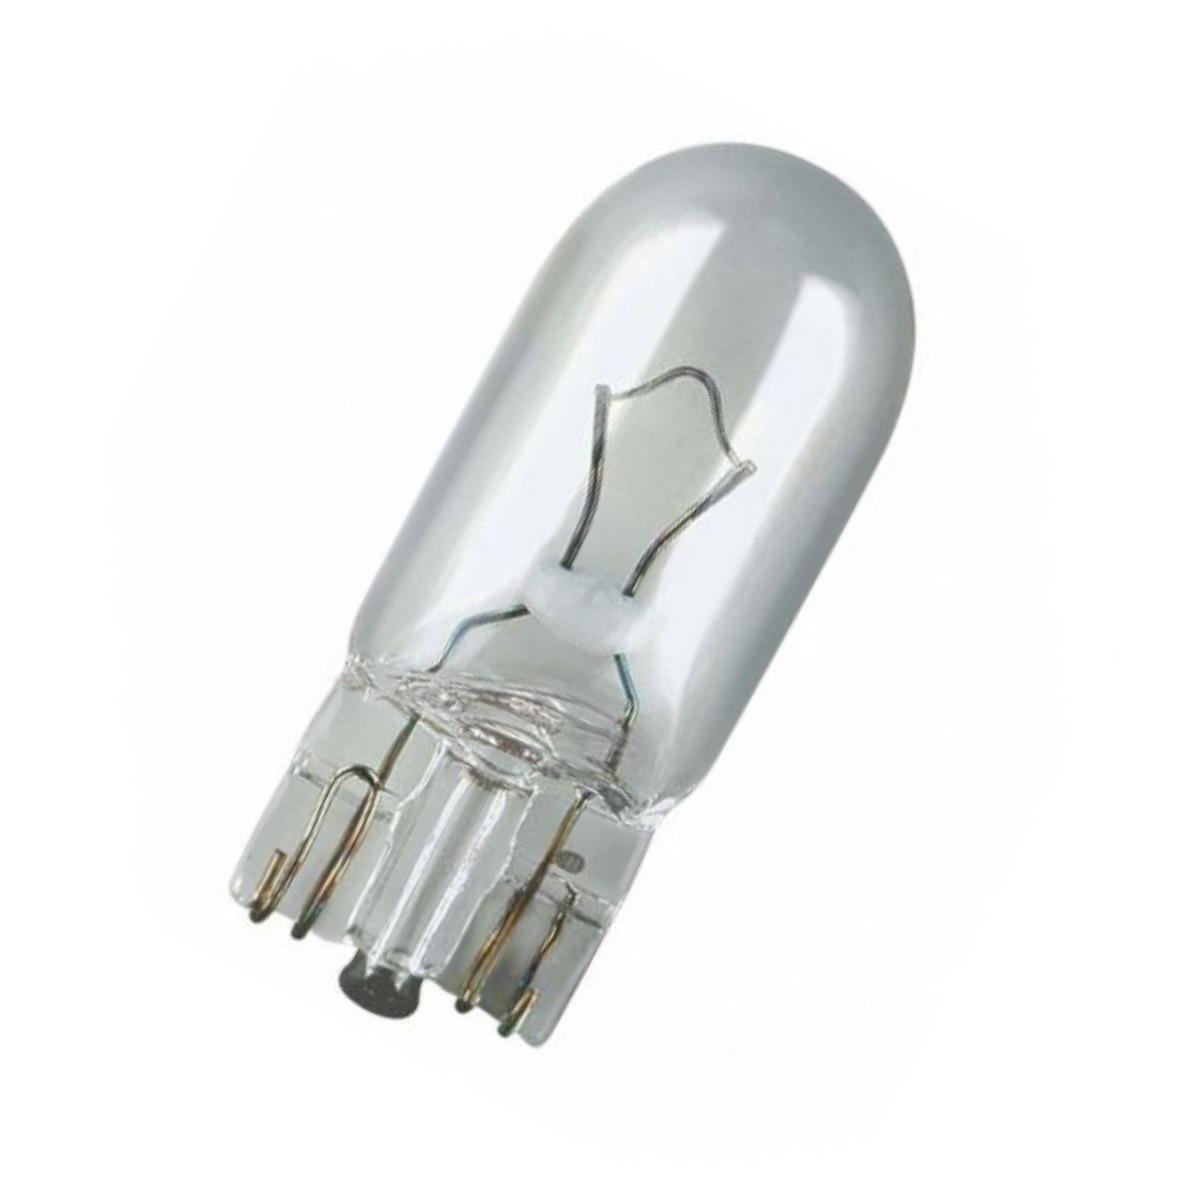 LAMPADA PINGO 12V 21/5W W3W 11241 HBL TK0912